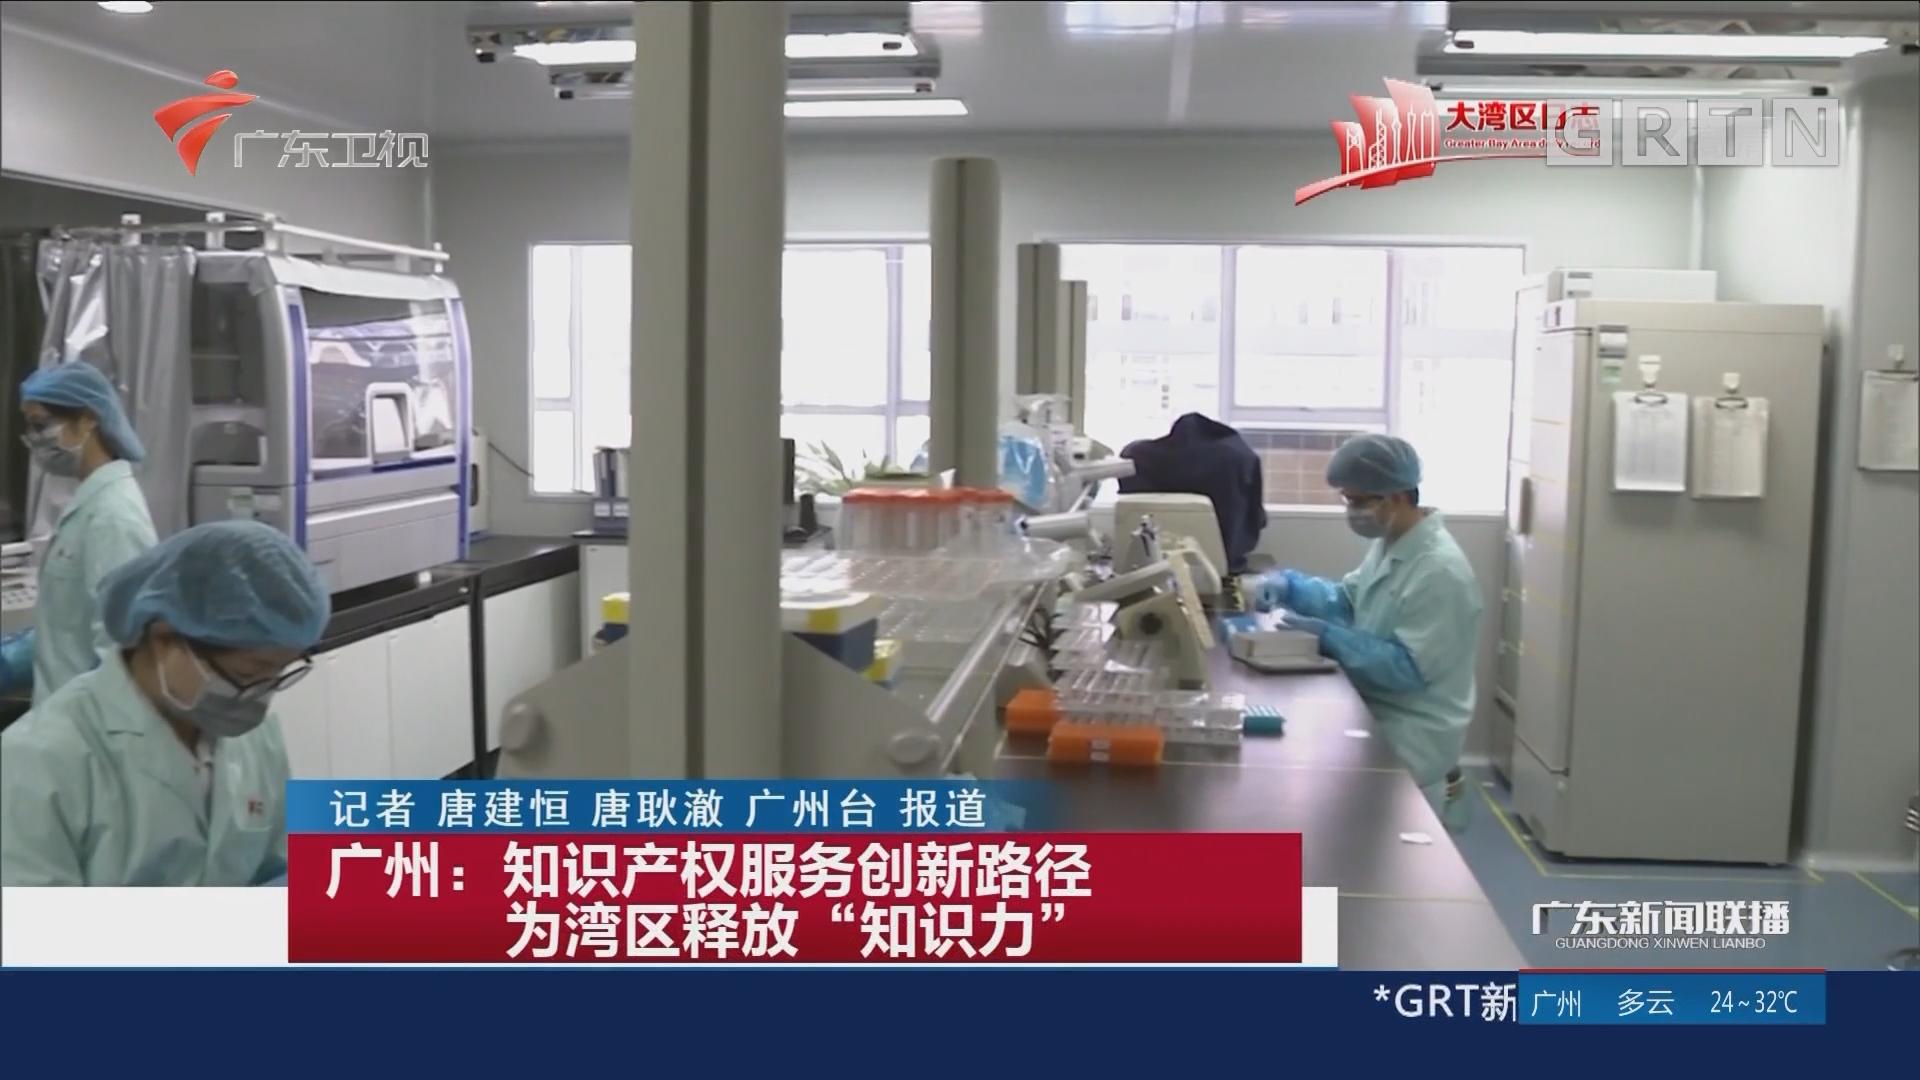 """广州:知识产权服务创新路径 为湾区释放""""知识力"""""""